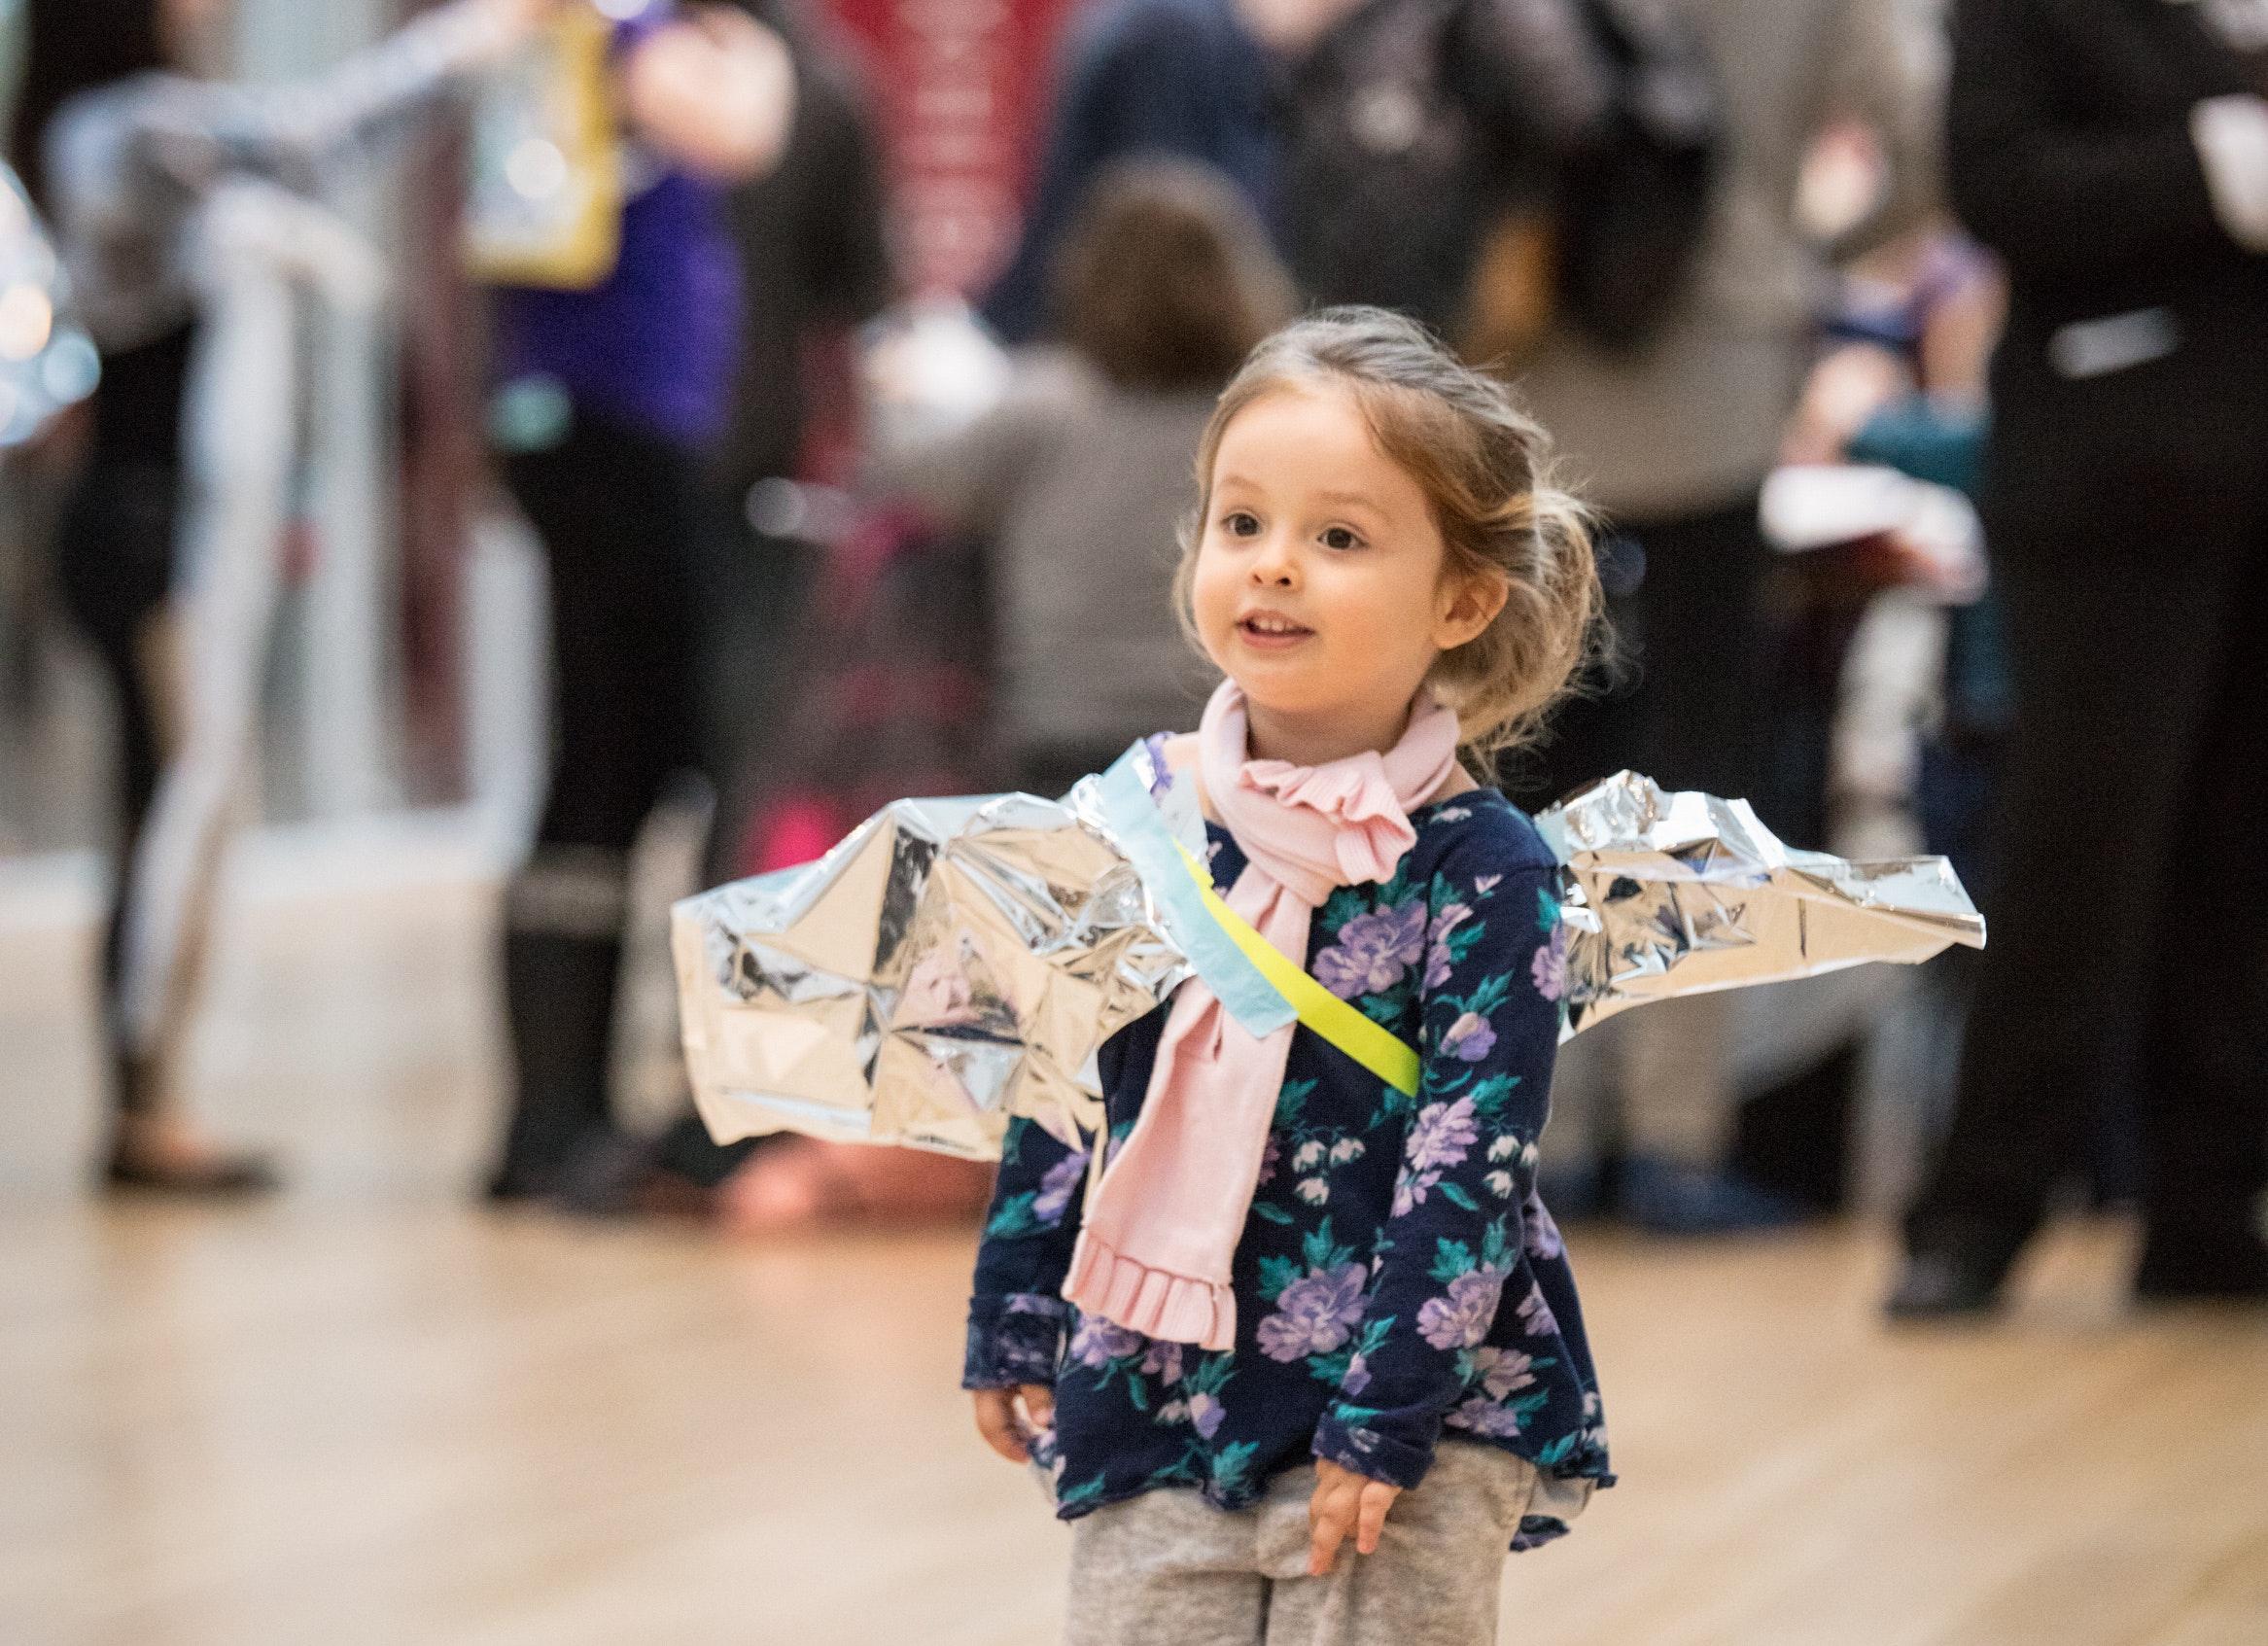 Child walking through galleries.